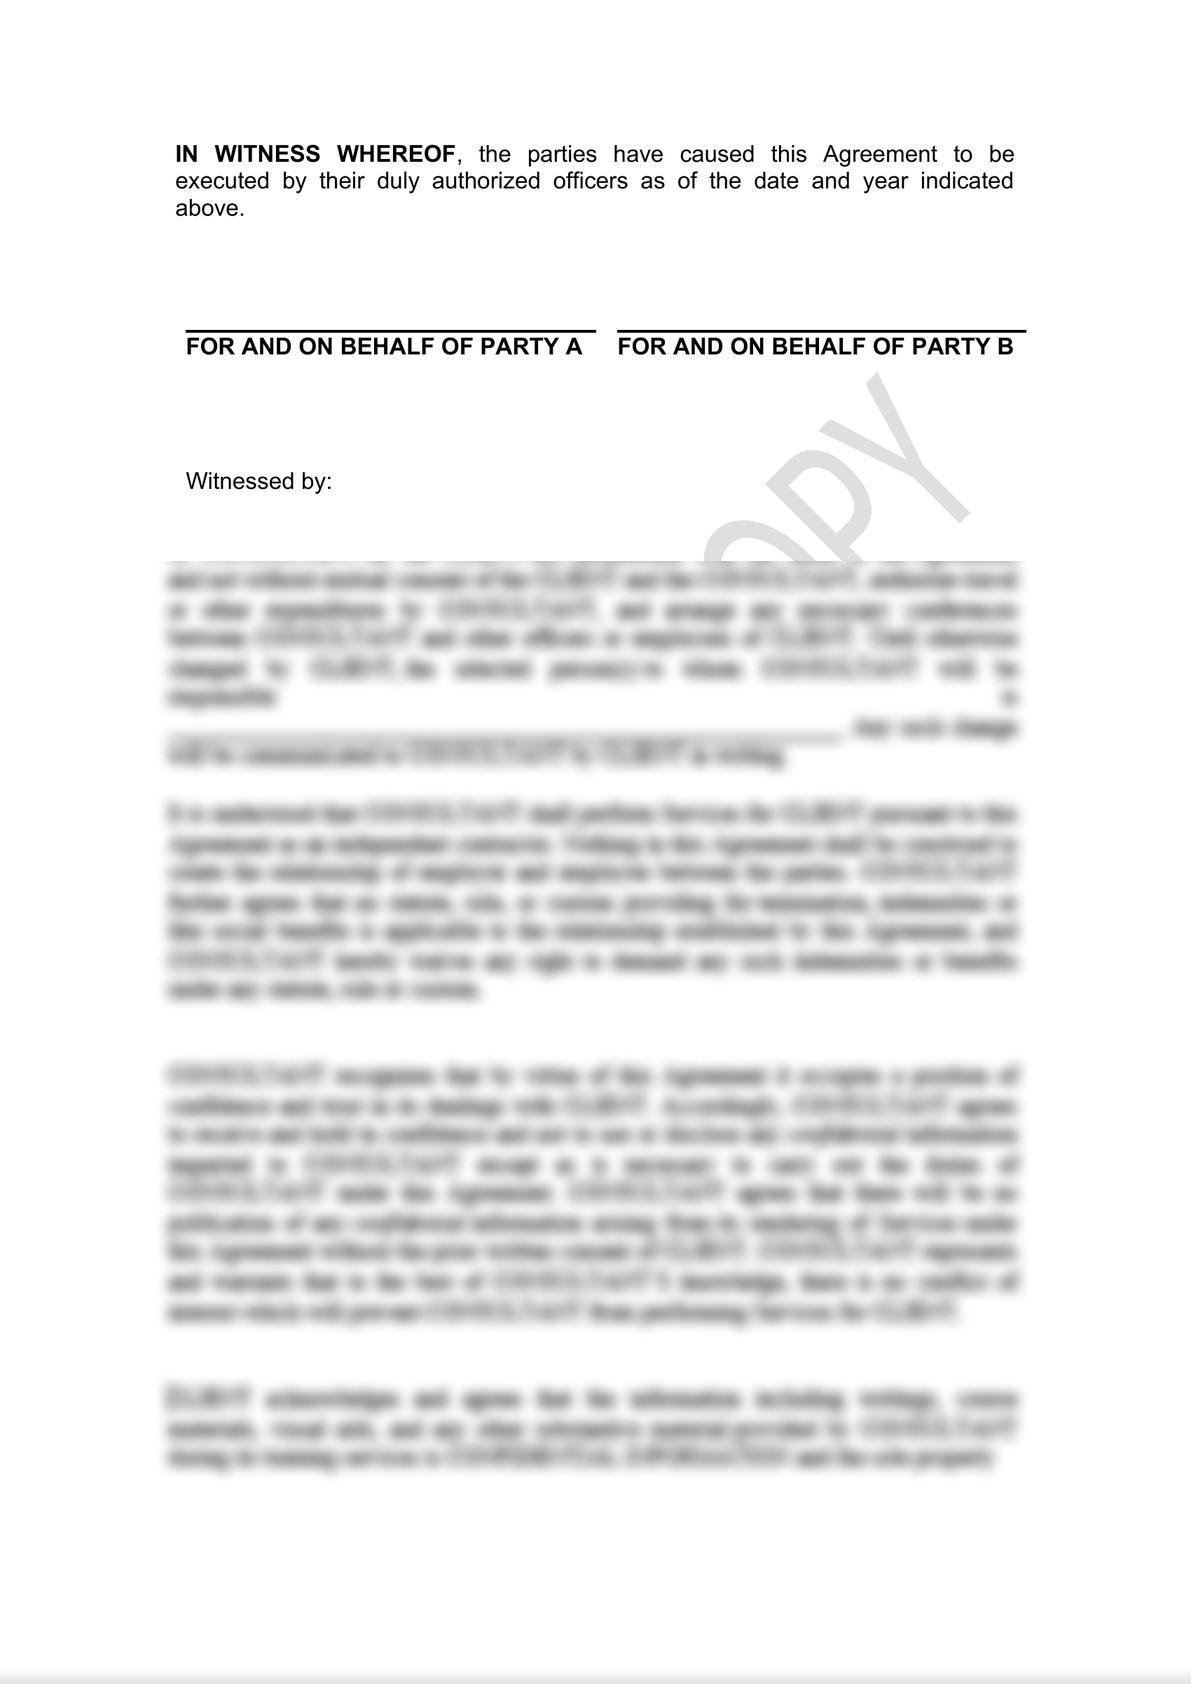 Distributor Agreement Draft-7